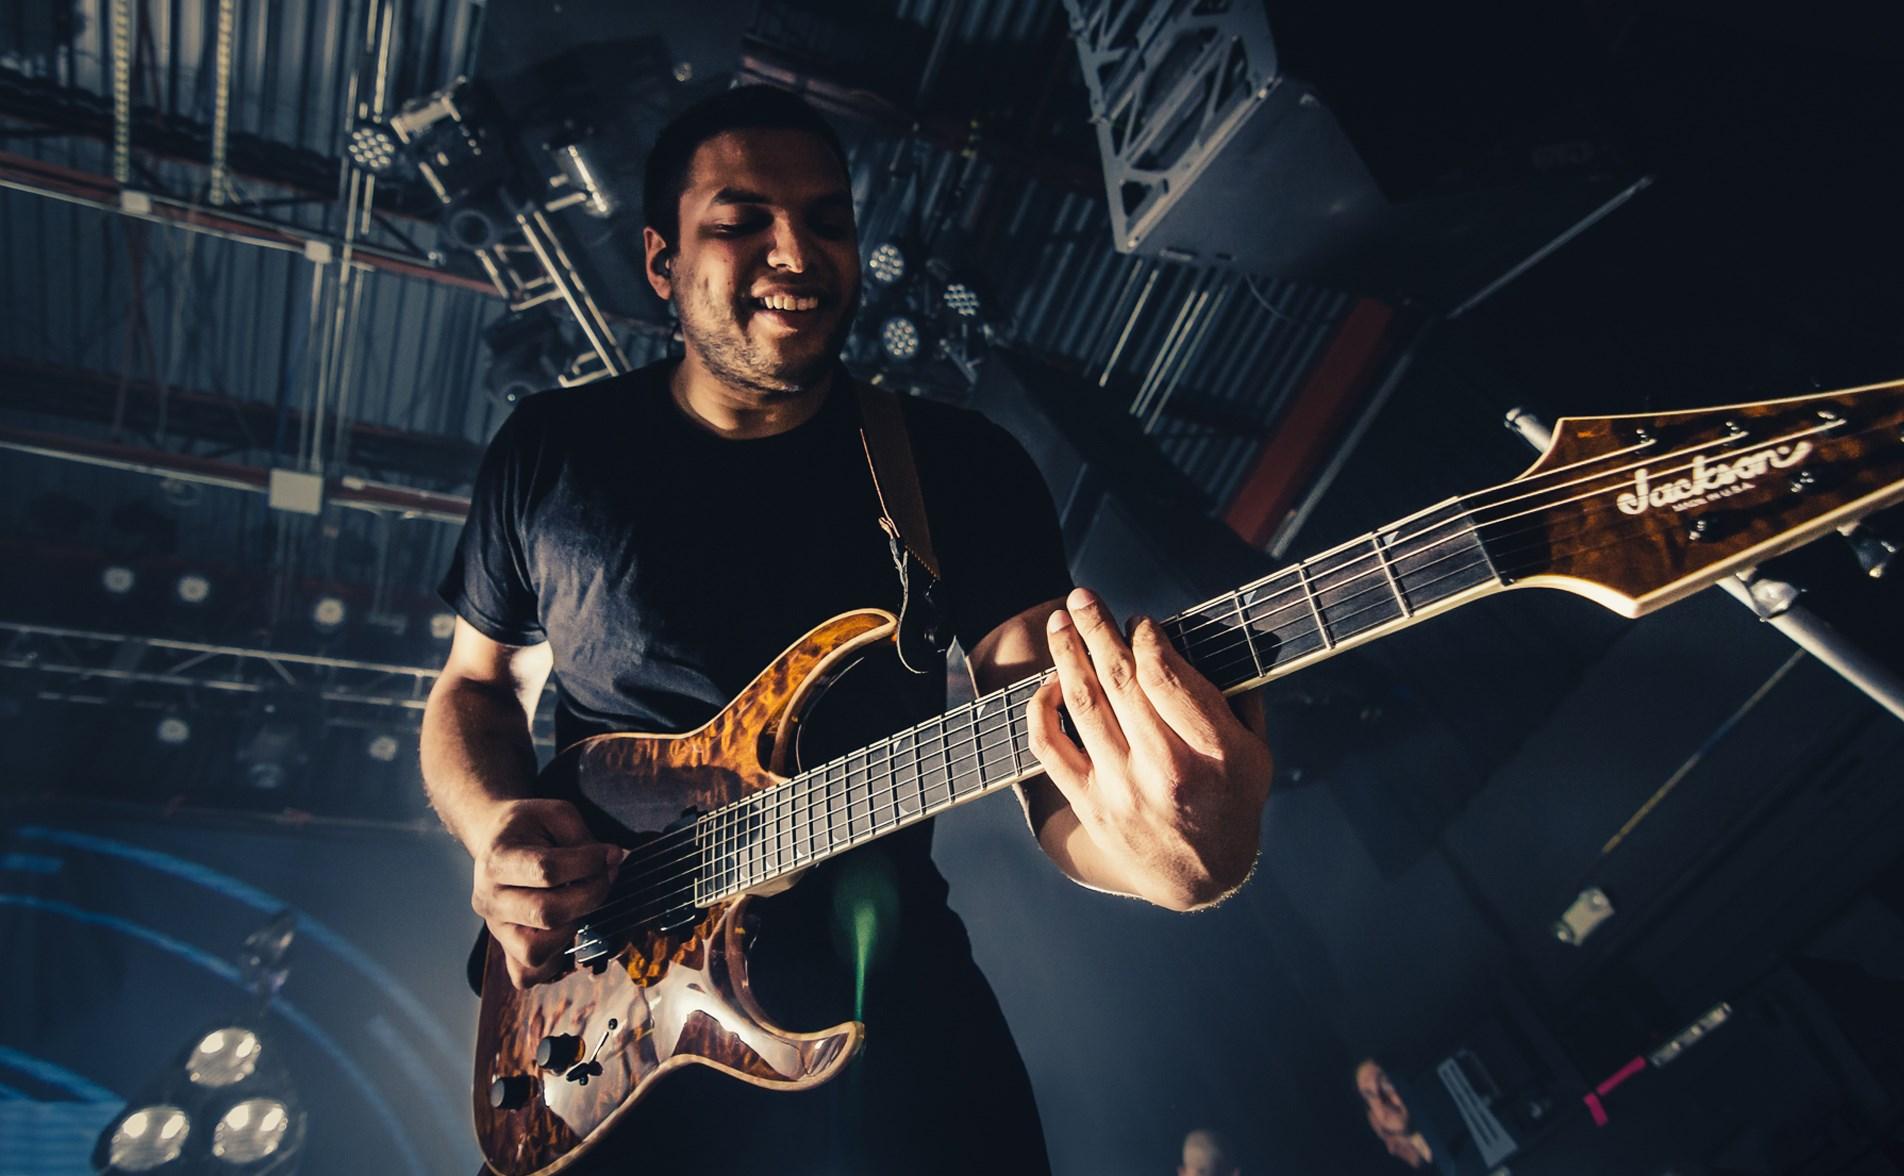 Análisis de Bulb, proyecto en solitario de Misha Mansoor, guitarrista de Periphery